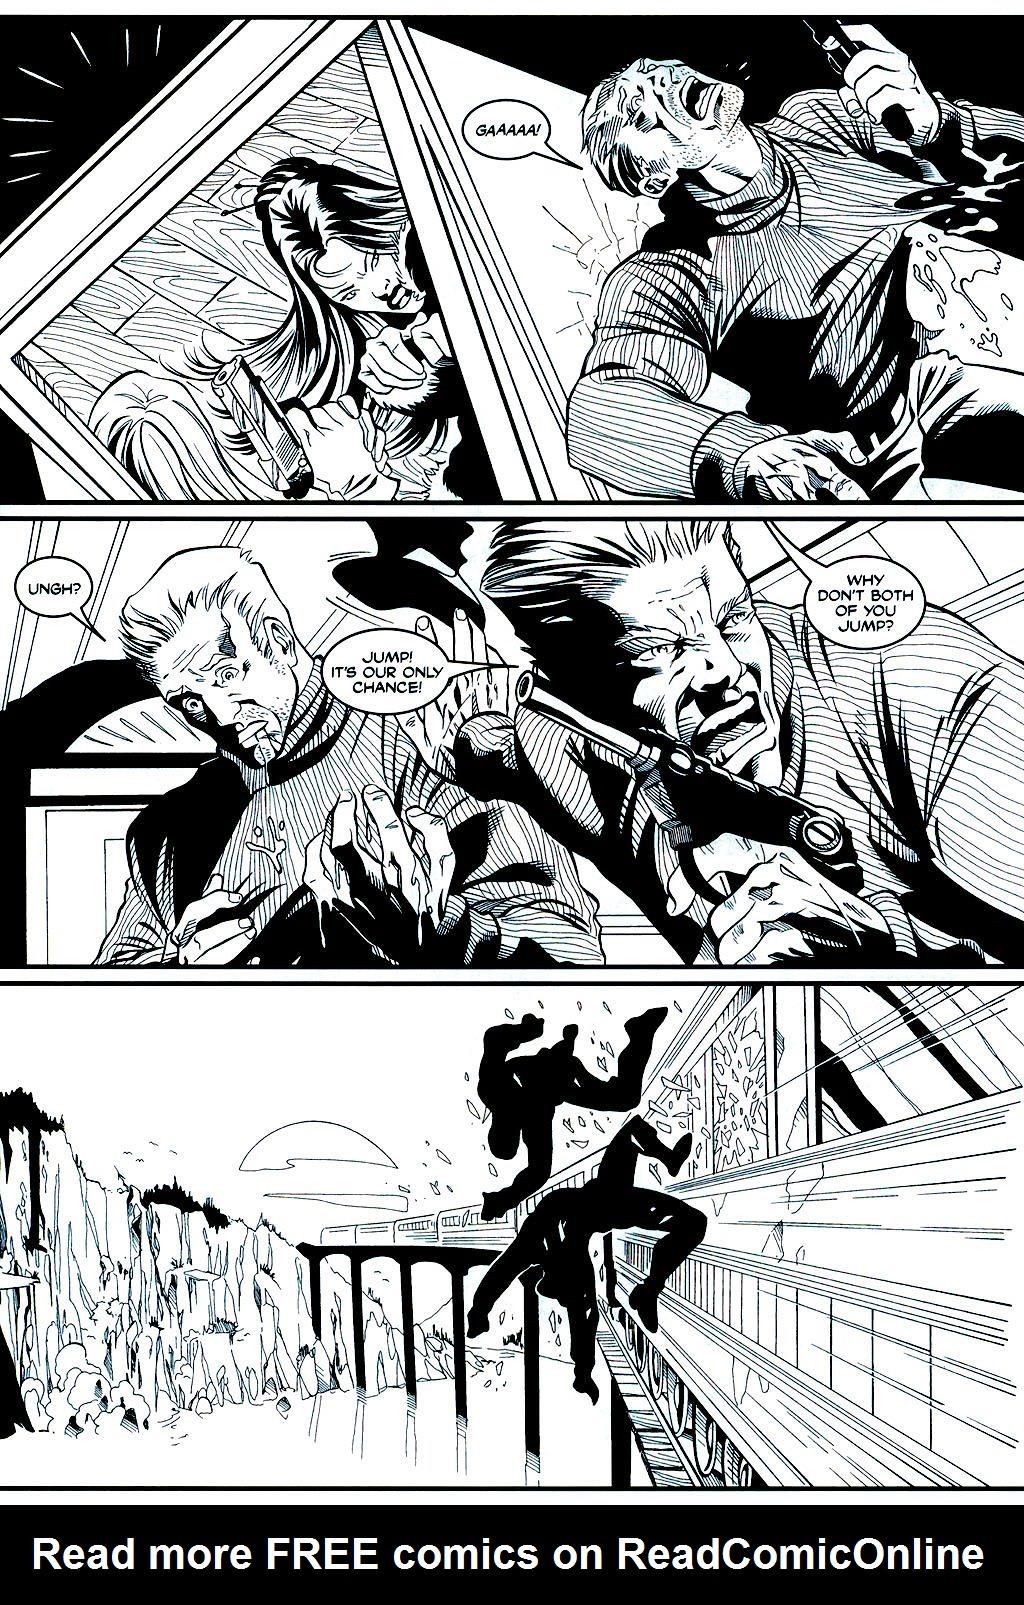 Read online Shi: Sempo comic -  Issue #1 - 5